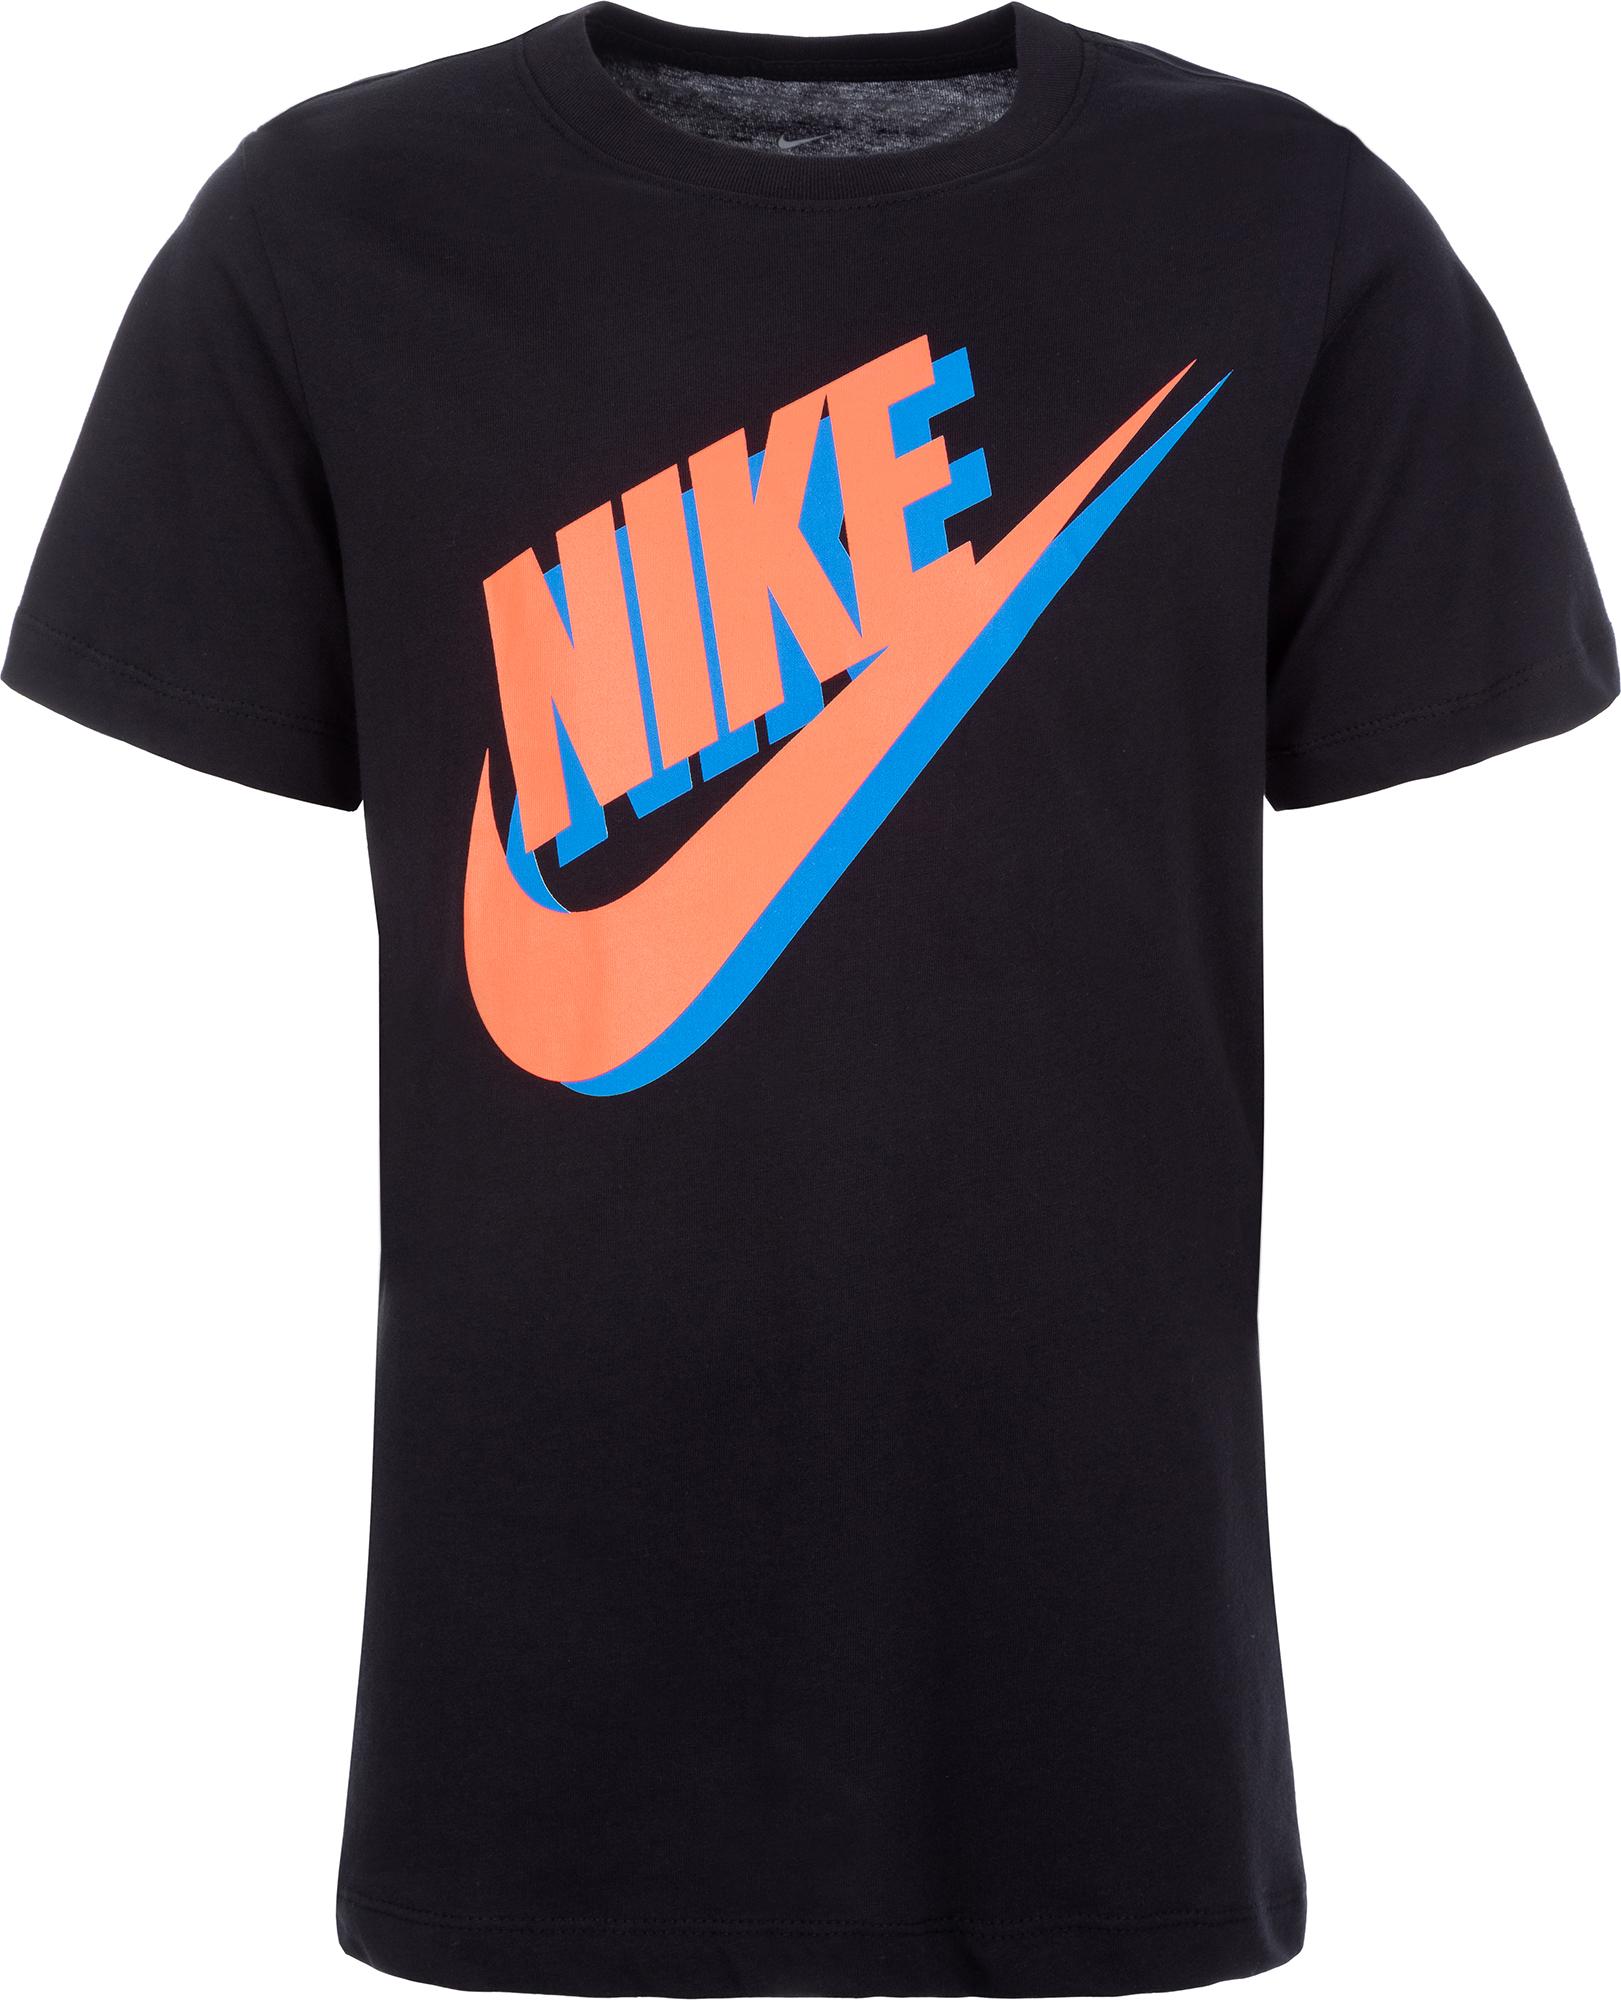 цены на Nike Футболка для мальчиков Nike Futura, размер 158-170 в интернет-магазинах